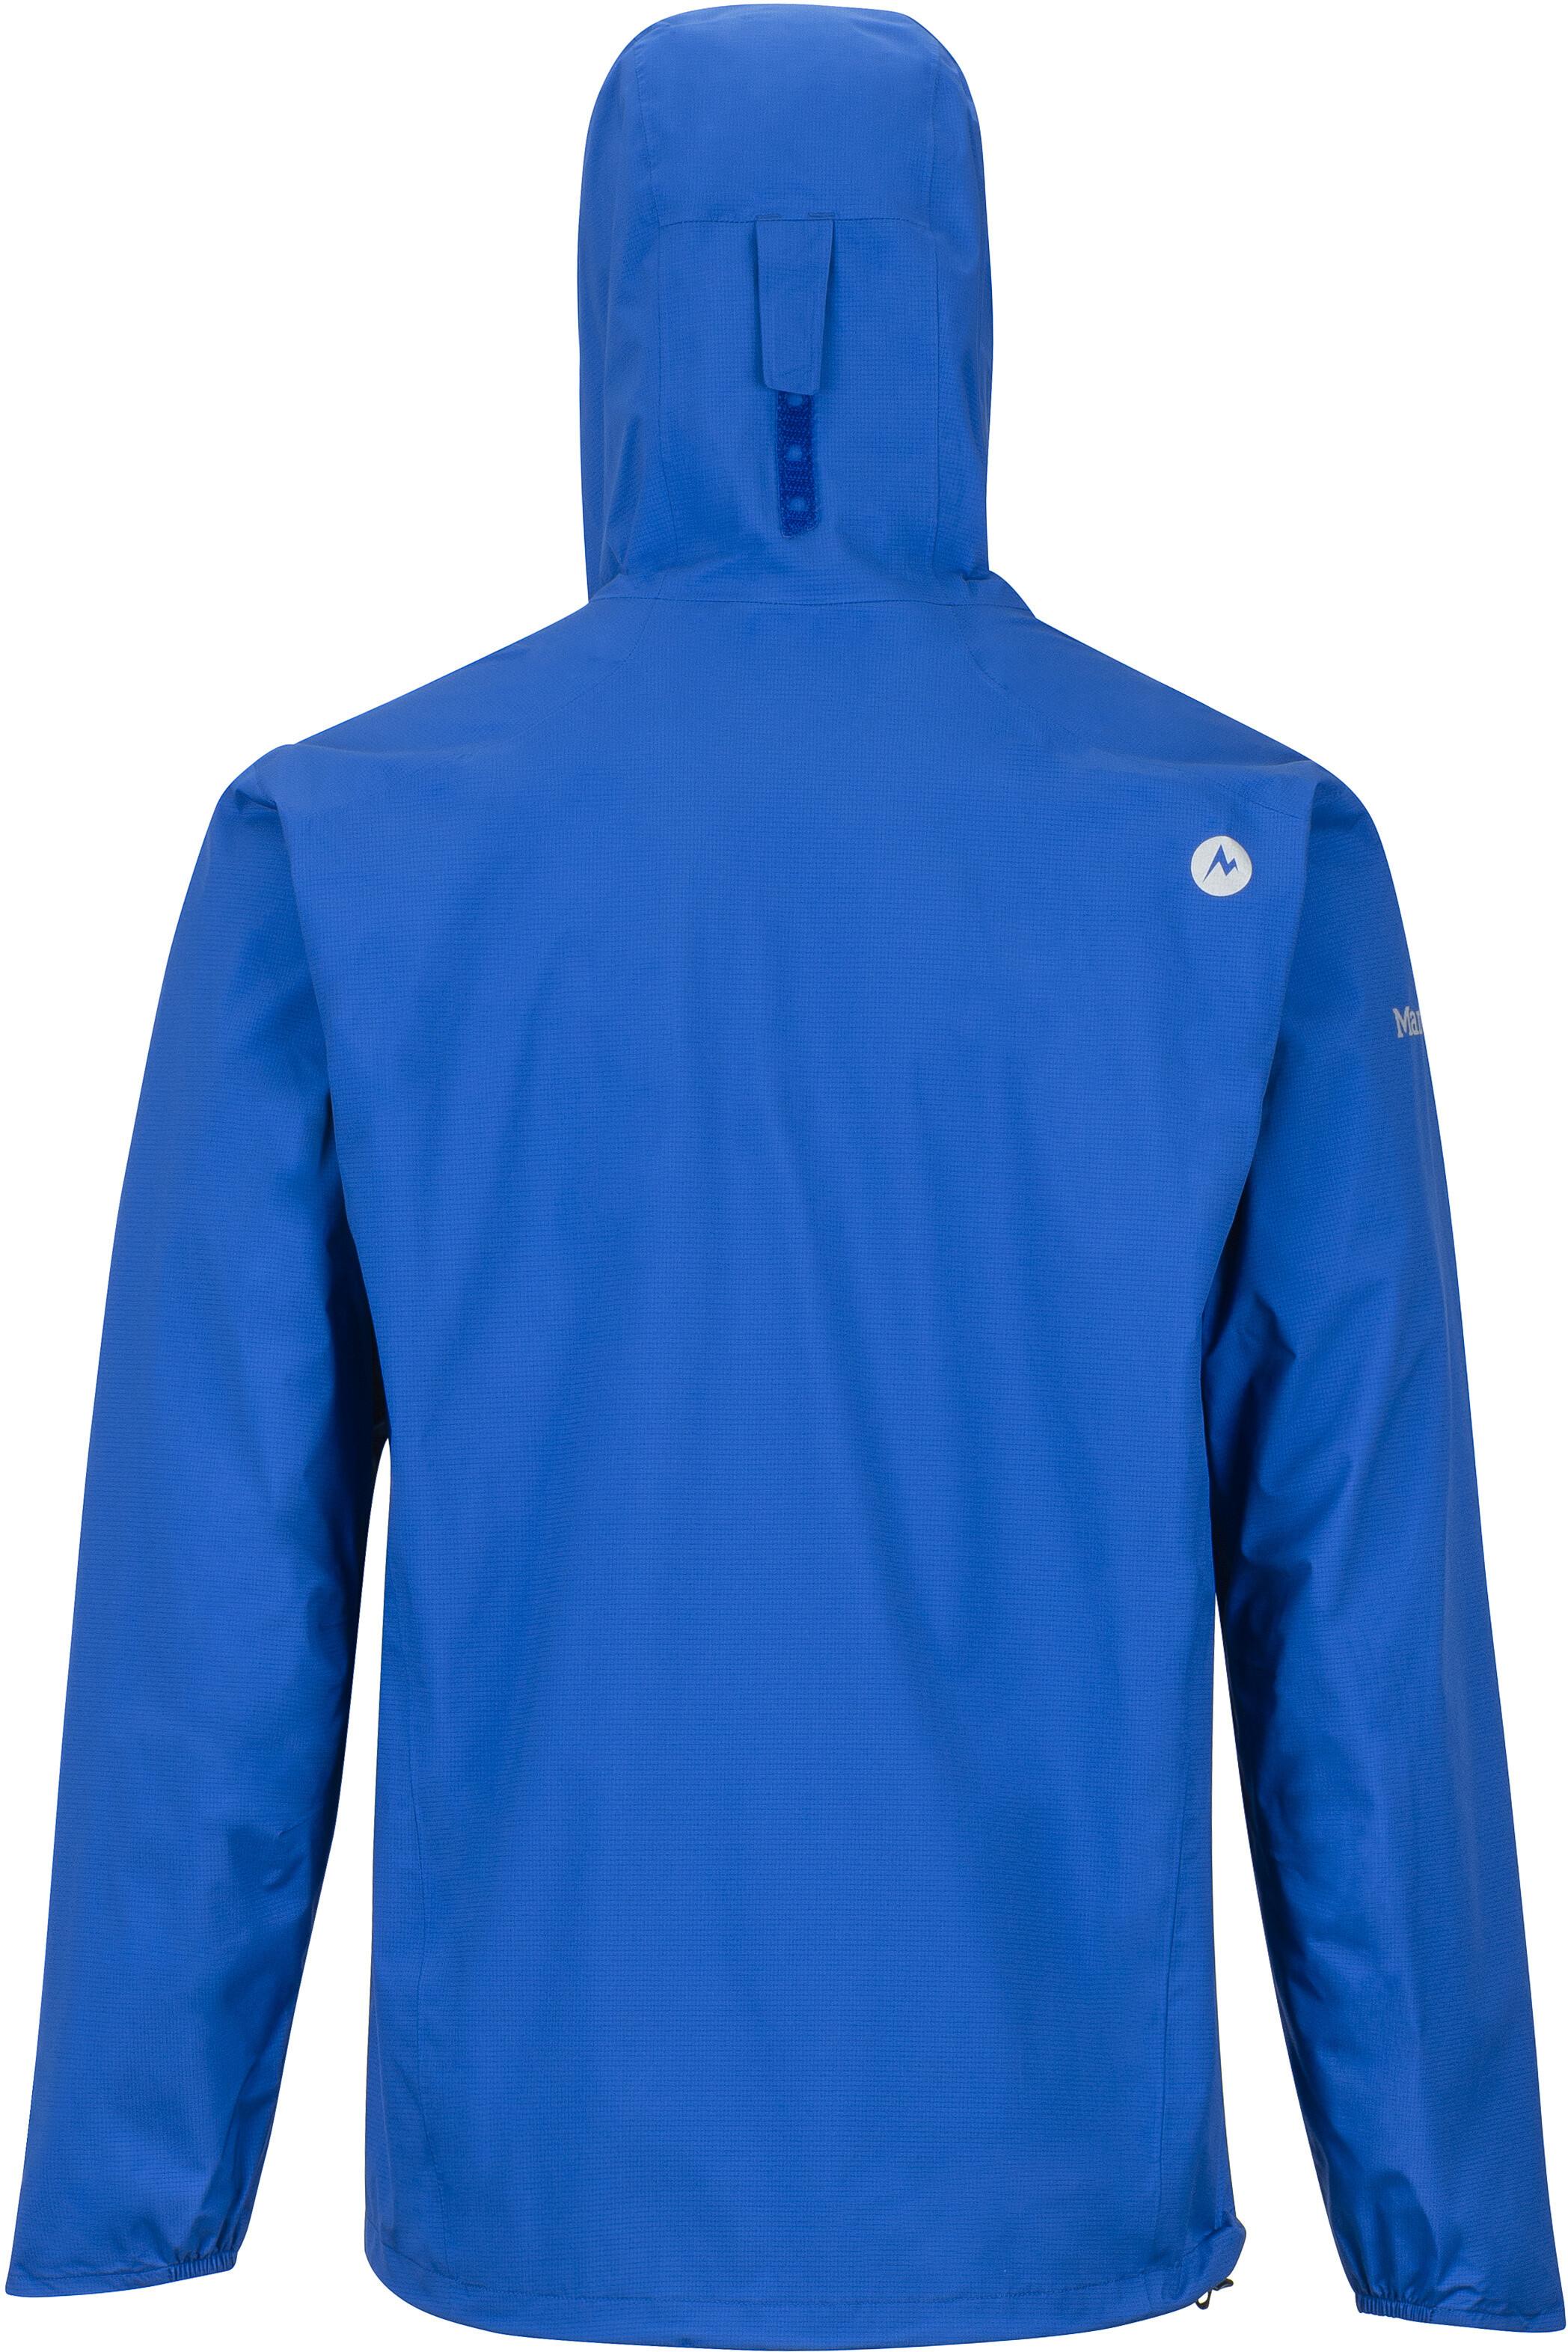 Marmot Essence Jacket Herren Surf Campz De